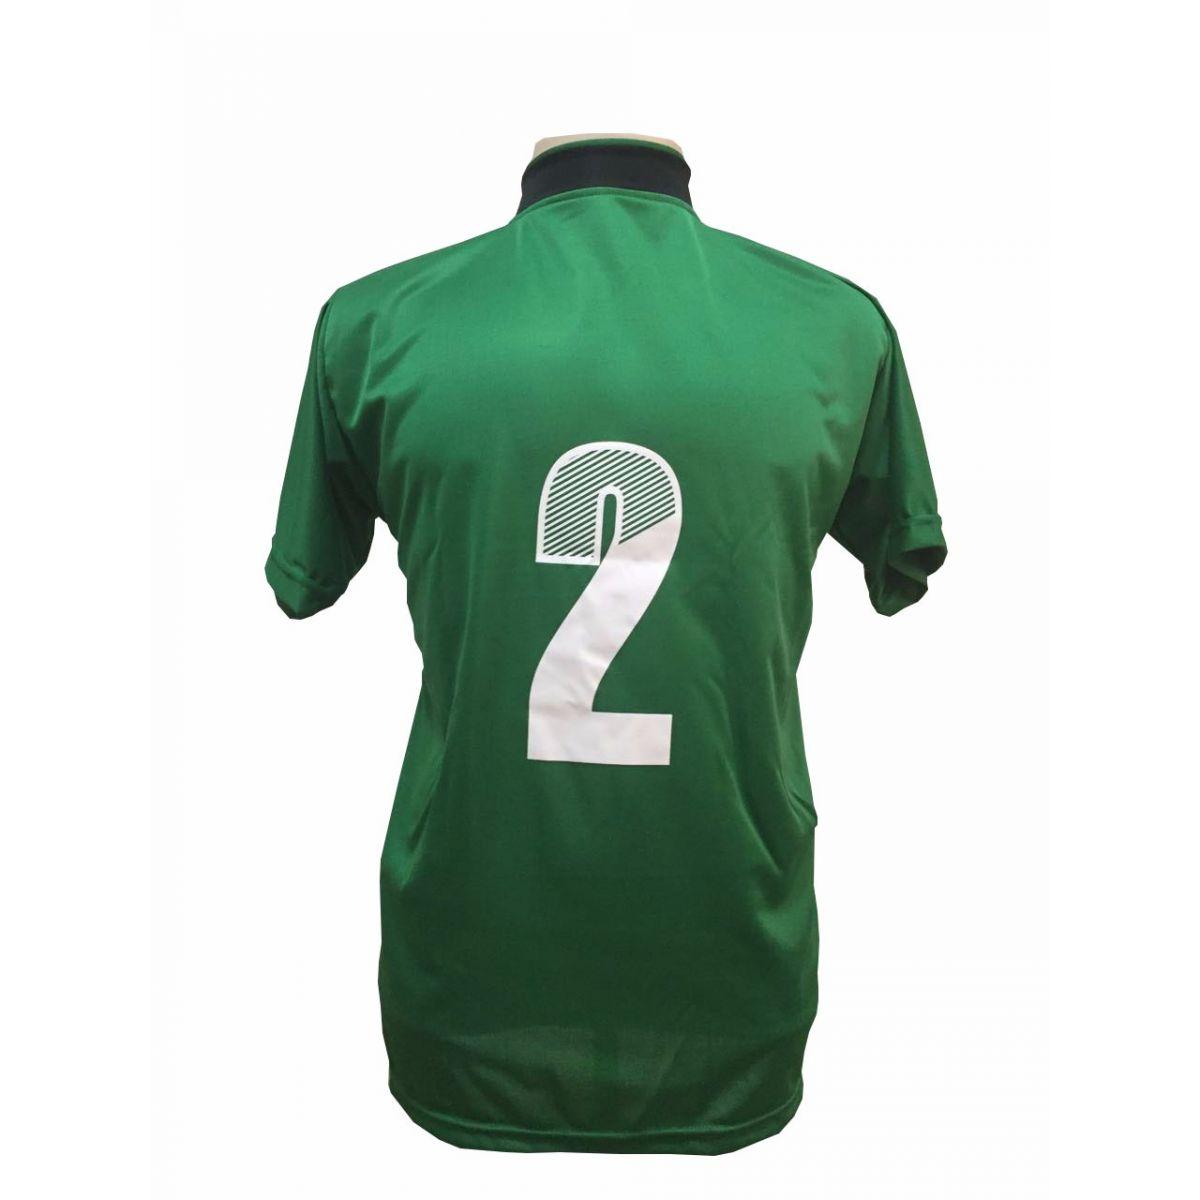 Uniforme Esportivo Completo modelo Palermo 14+1 (14 camisas Verde/Preto + 14 calções Madrid Preto + 14 pares de meiões Verde + 1 conjunto de goleiro) + Brindes